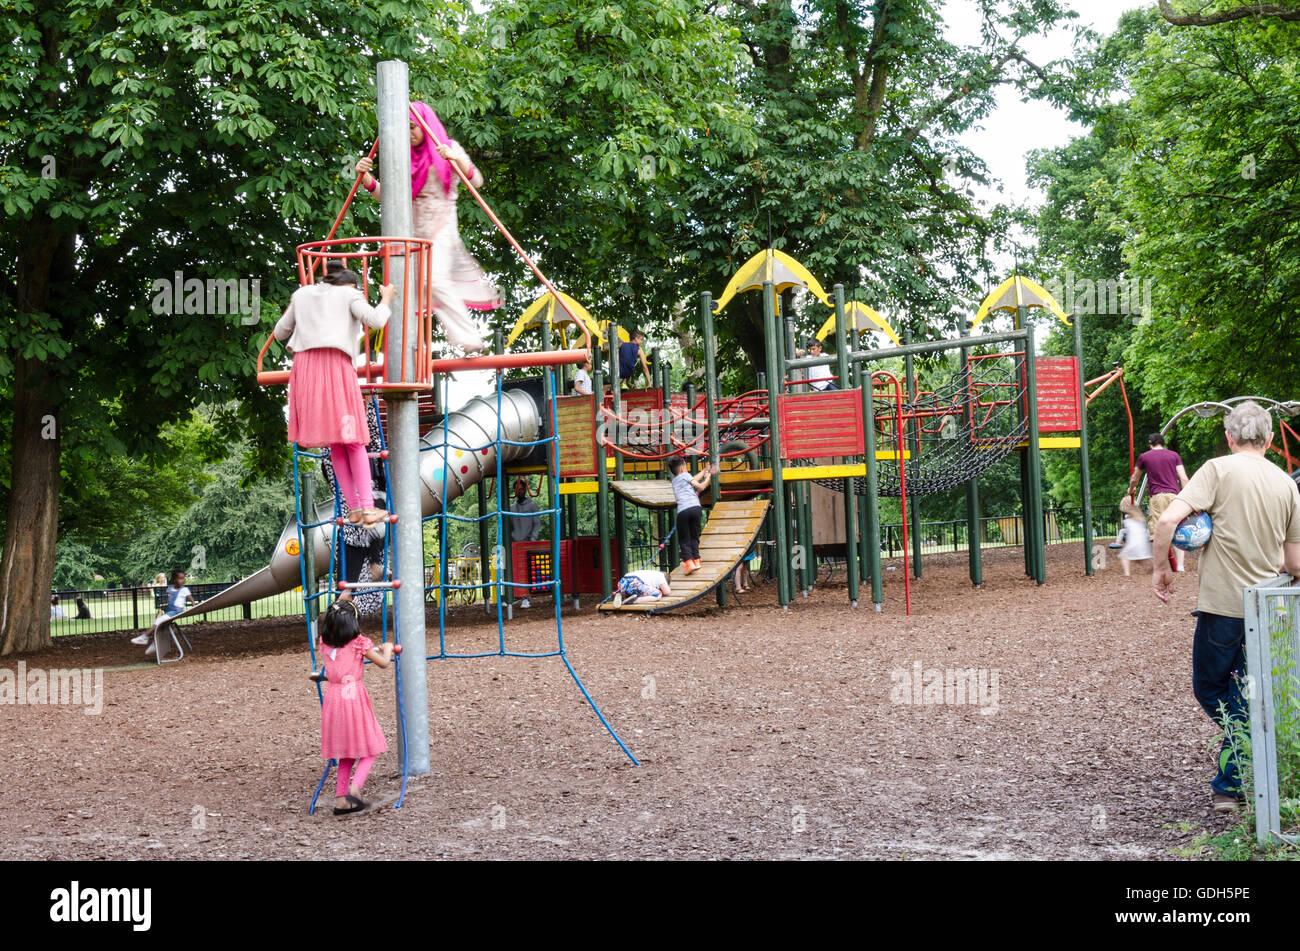 Klettergerüst Kinder : Investition in kinder euro für spielplatz ostbevern